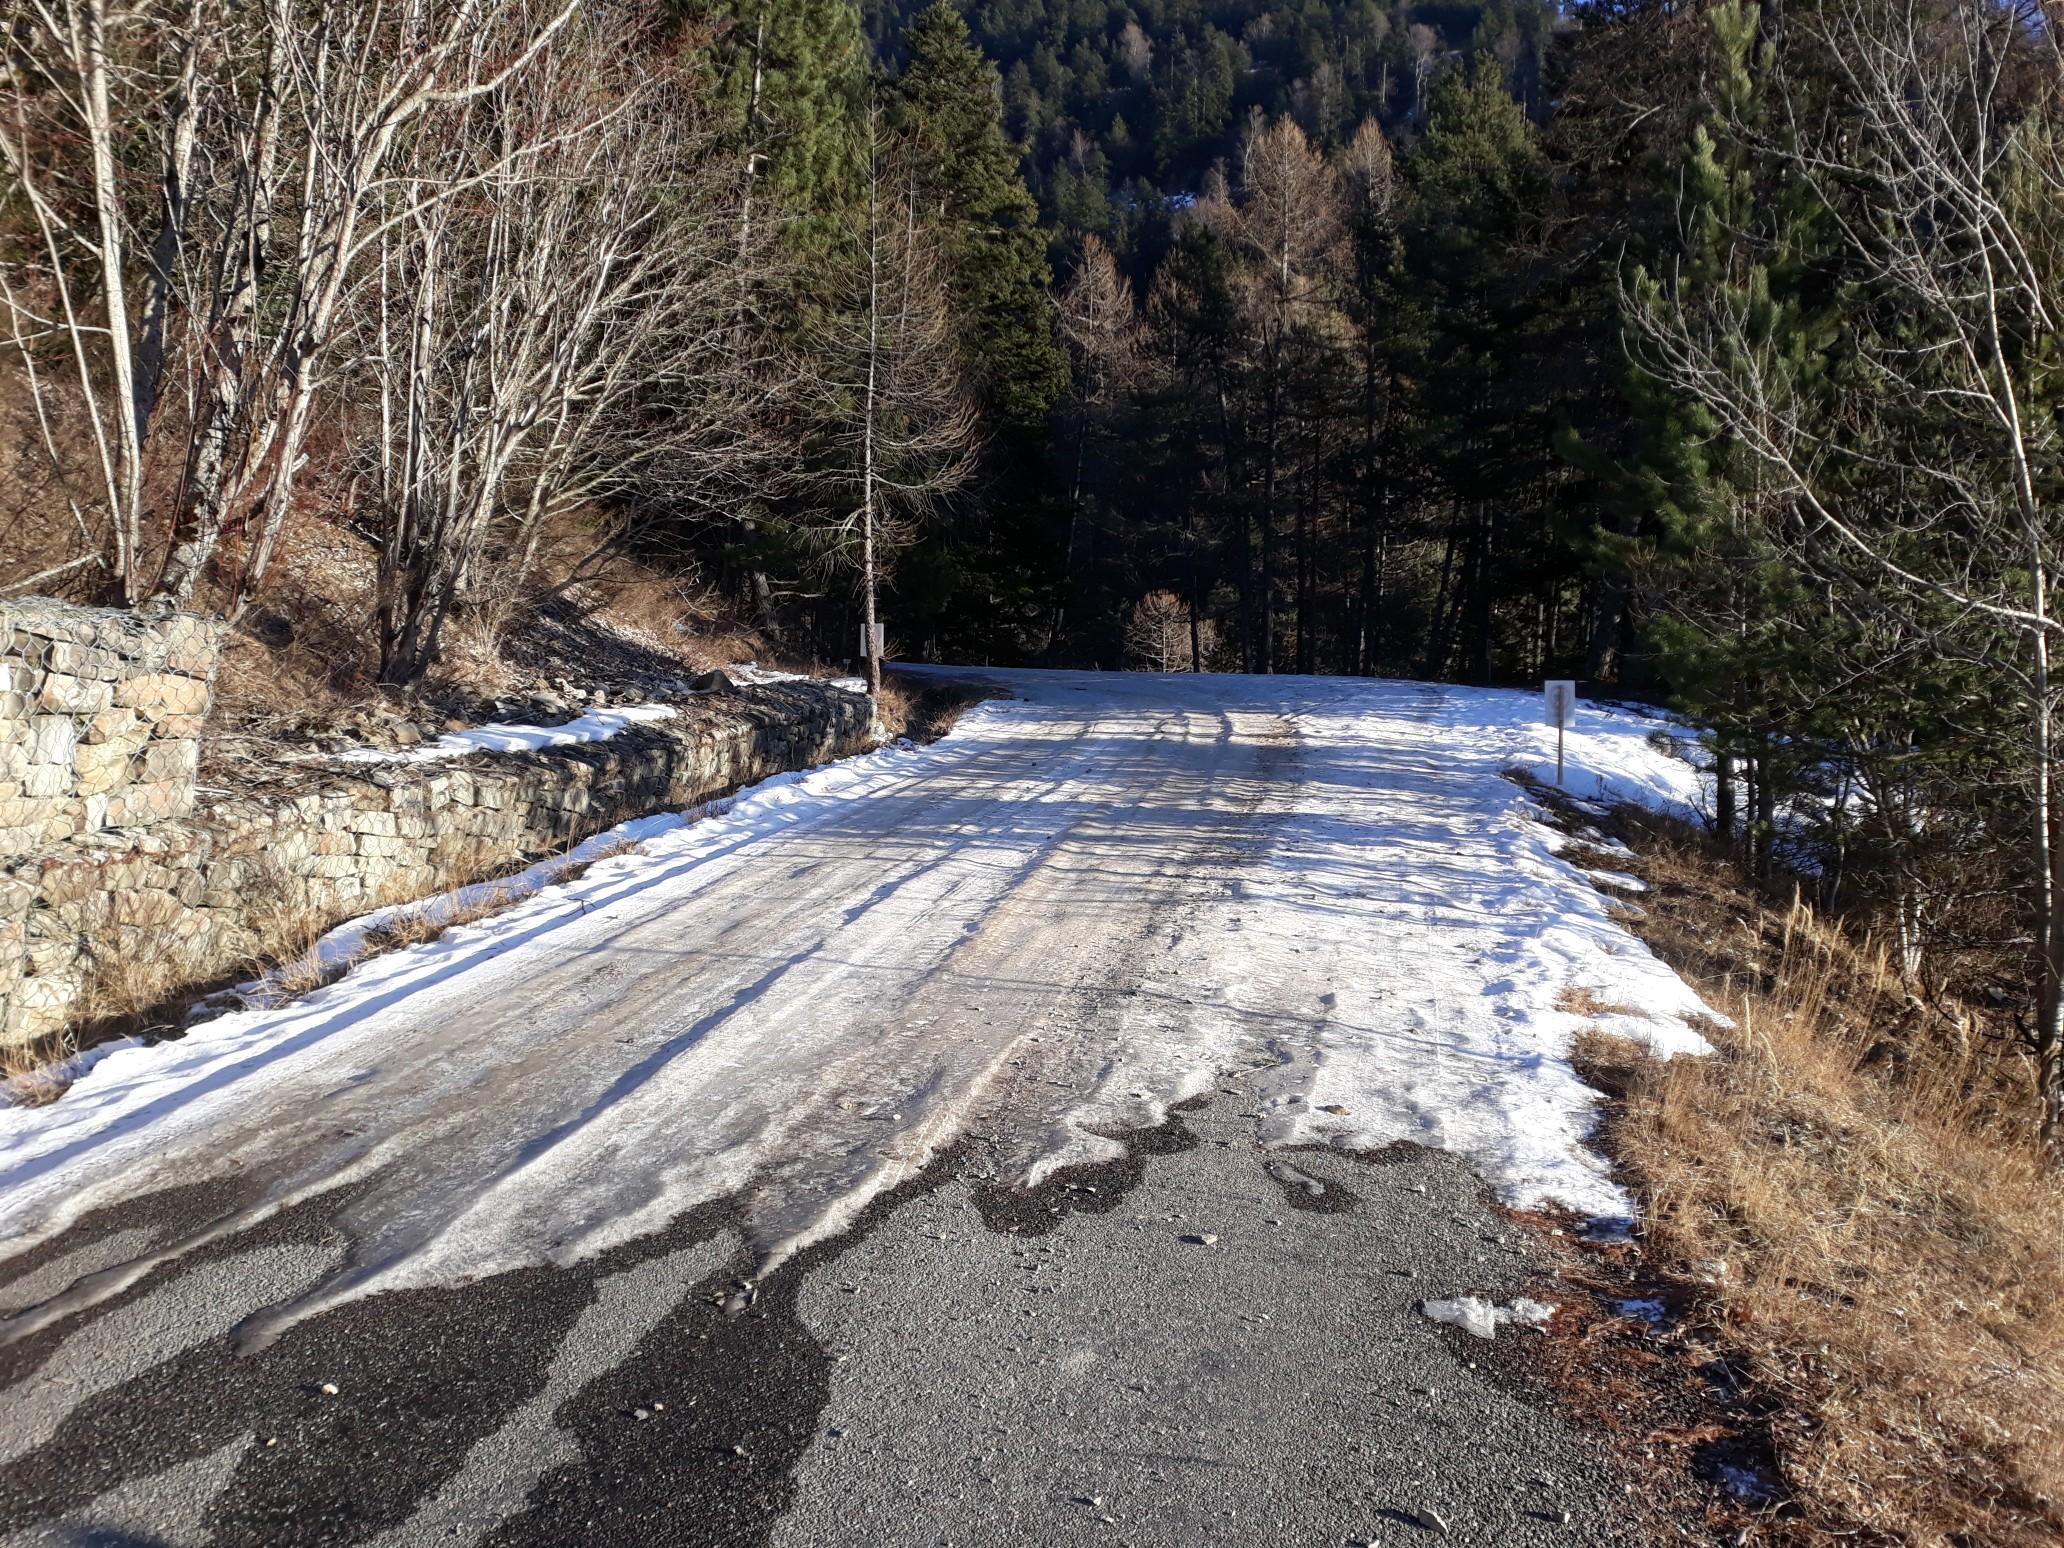 WRC: 87º Rallye Automobile de Monte-Carlo [22-27 de Enero] - Página 5 Post-5113-0-30477700-1548175578